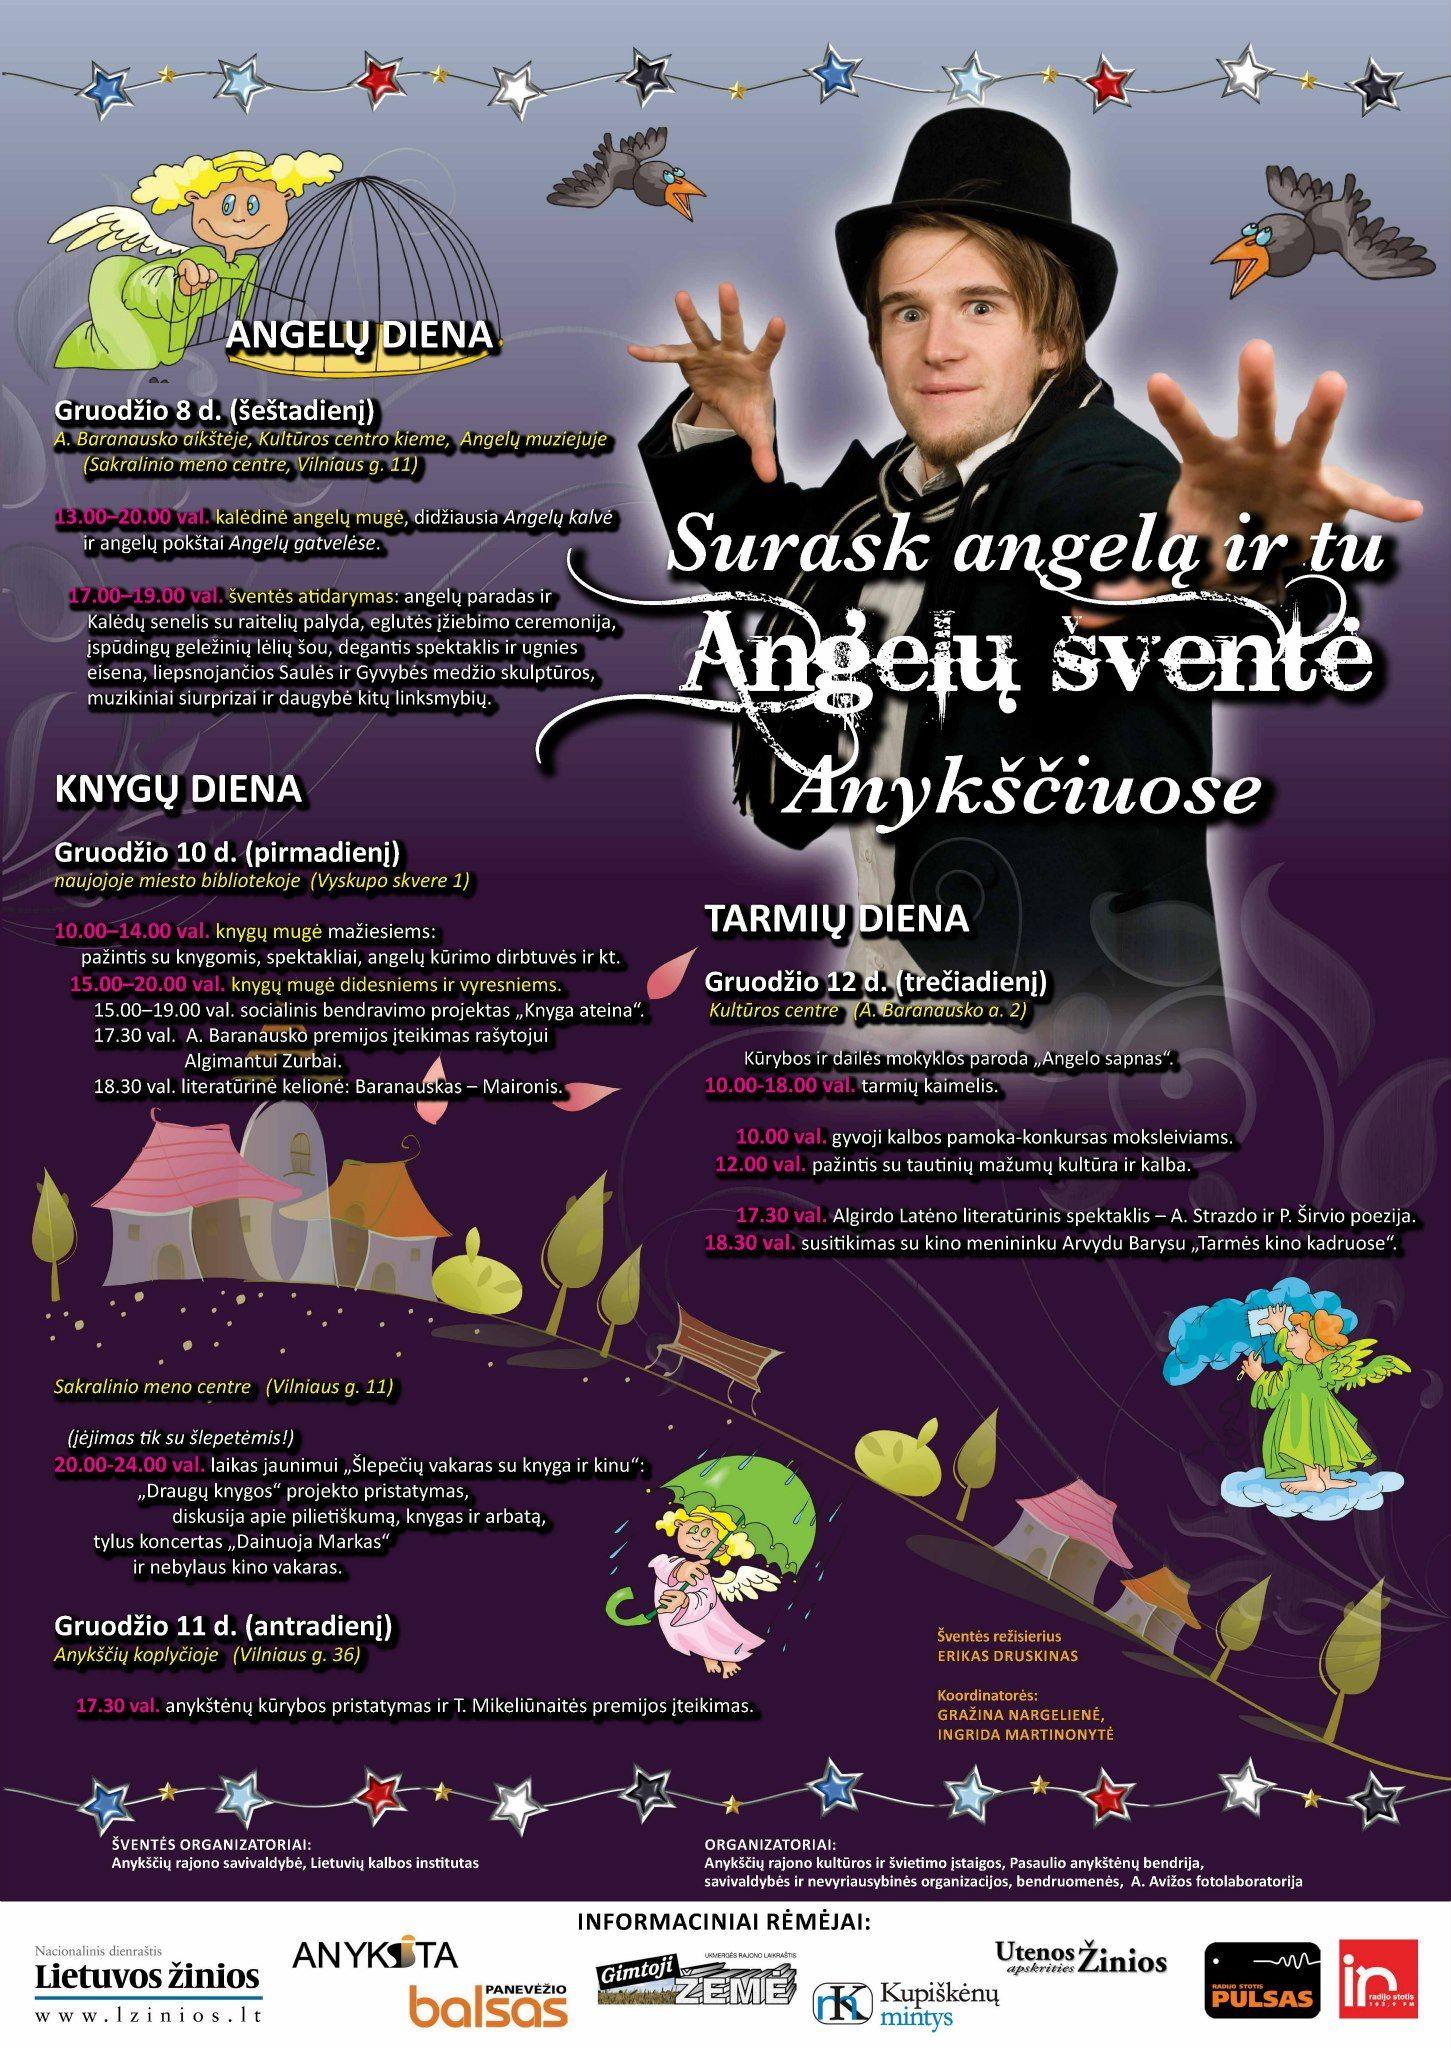 Angelų šventė Anykščiuose (2012) - Angelų diena